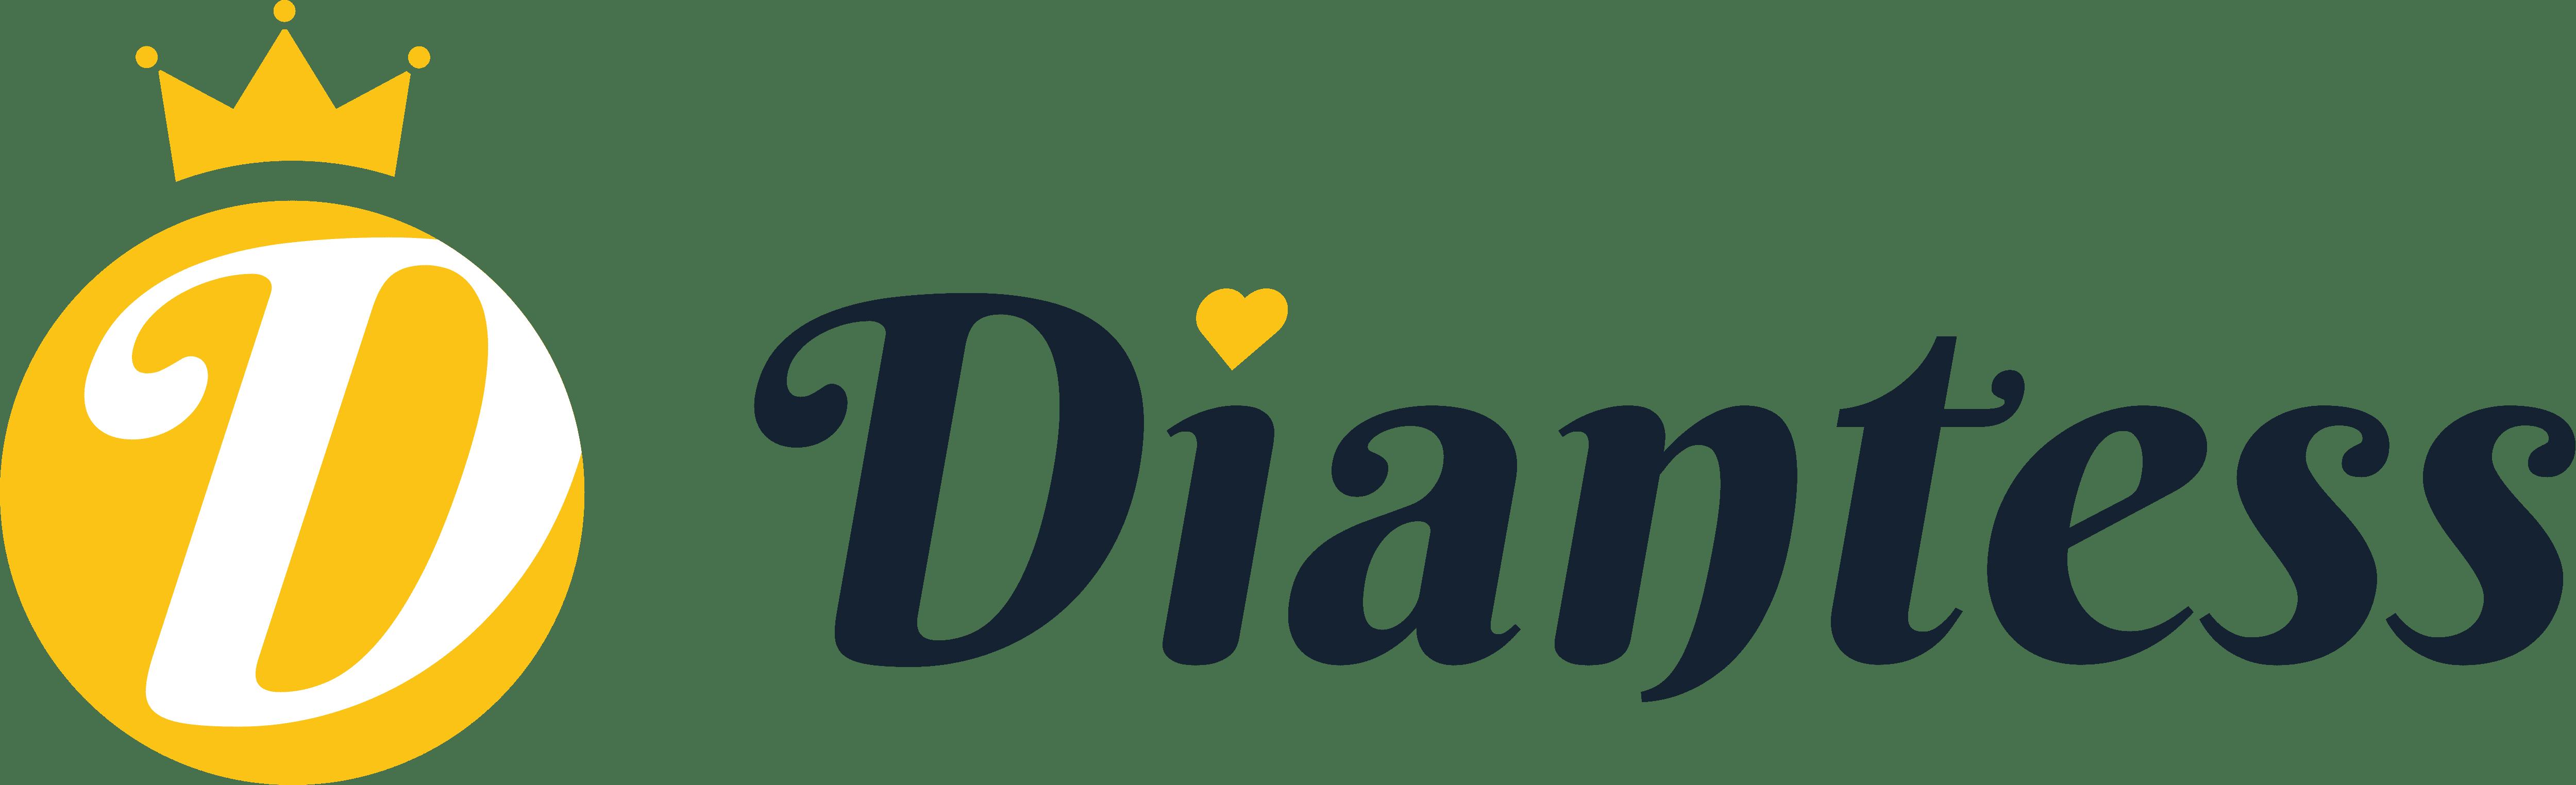 Diantess.com – Najlepsze produkty w najlepszych cenach! ❤️